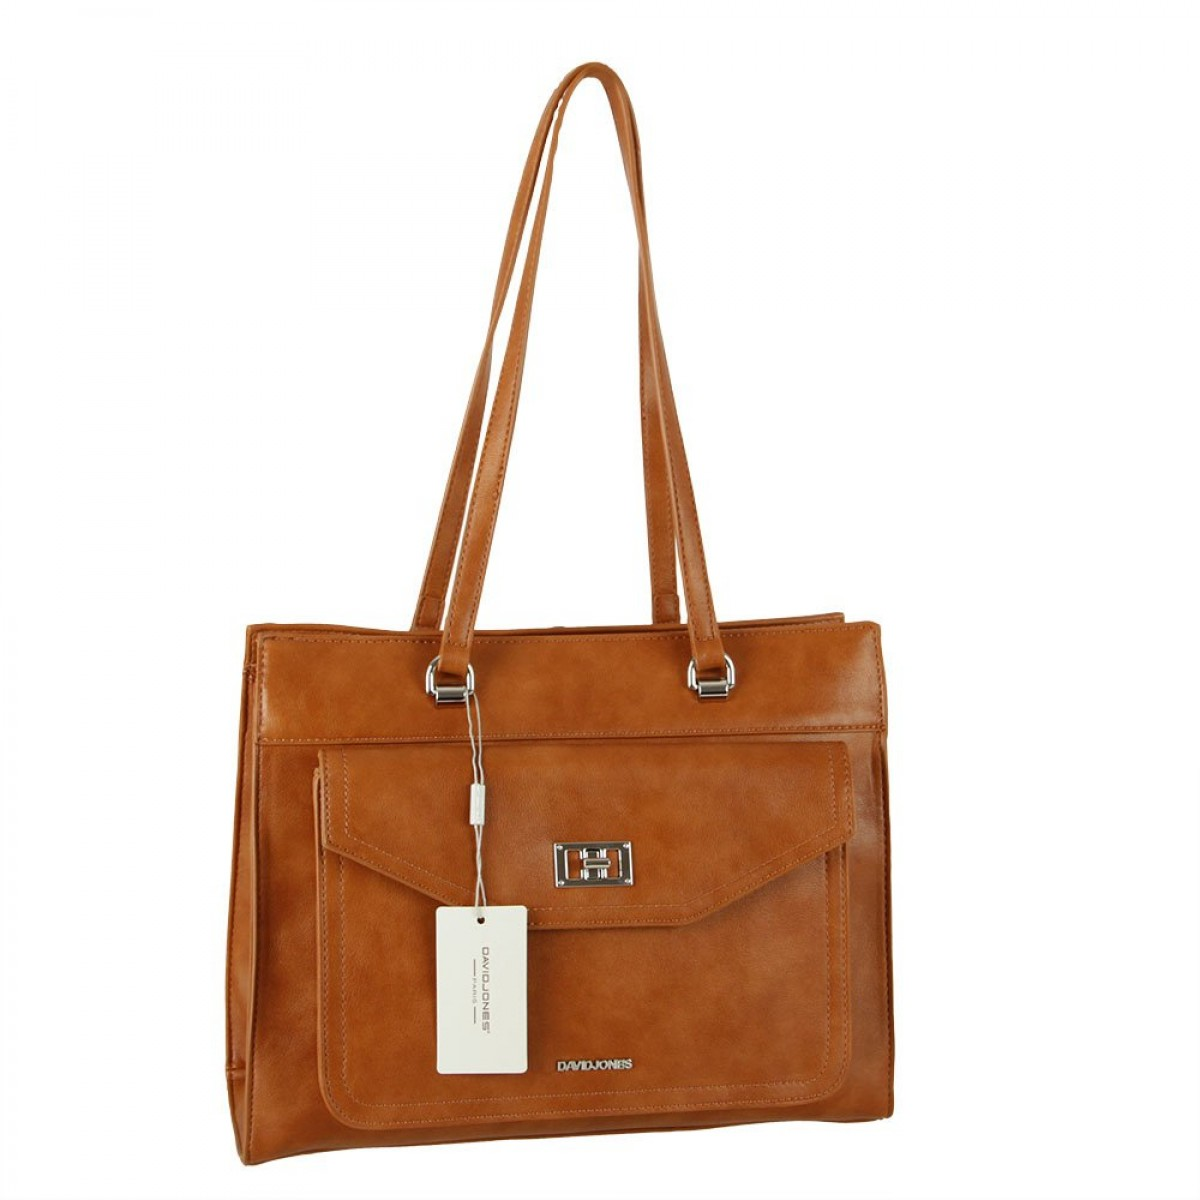 Жіноча сумка David Jones 6437-3 COGNAC